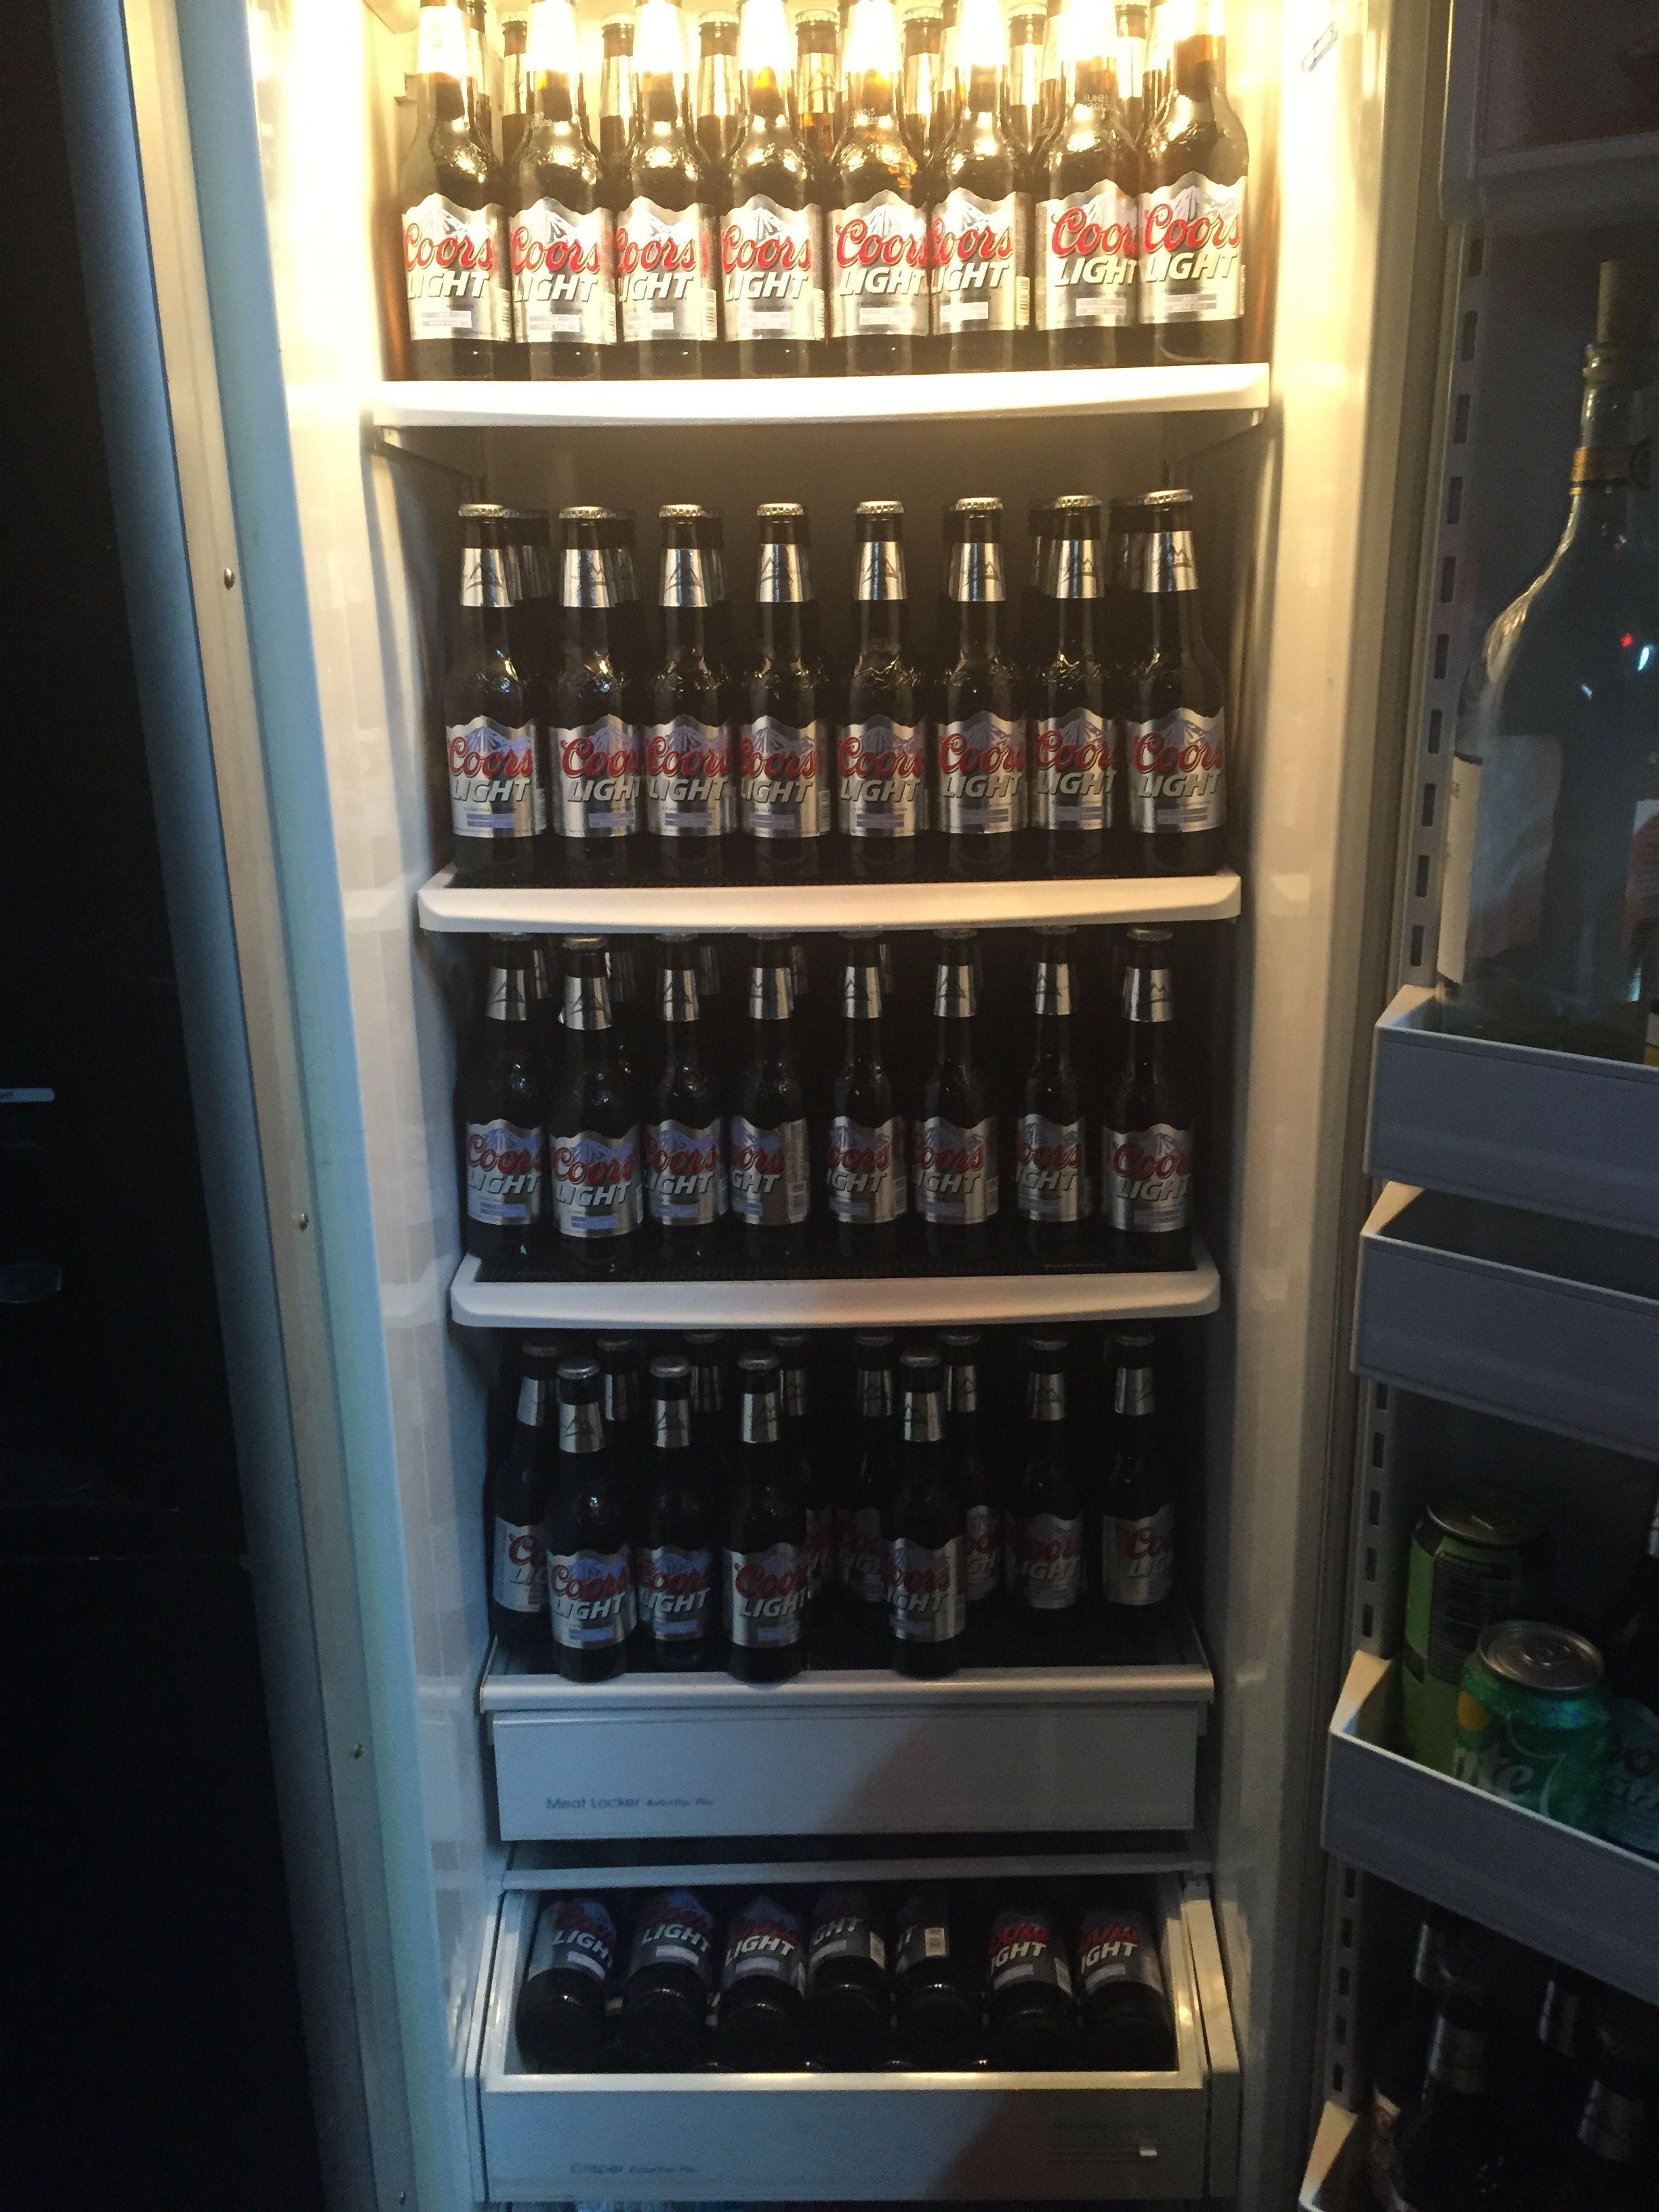 Coors light full fridge coors light pinterest coors light full fridge aloadofball Gallery